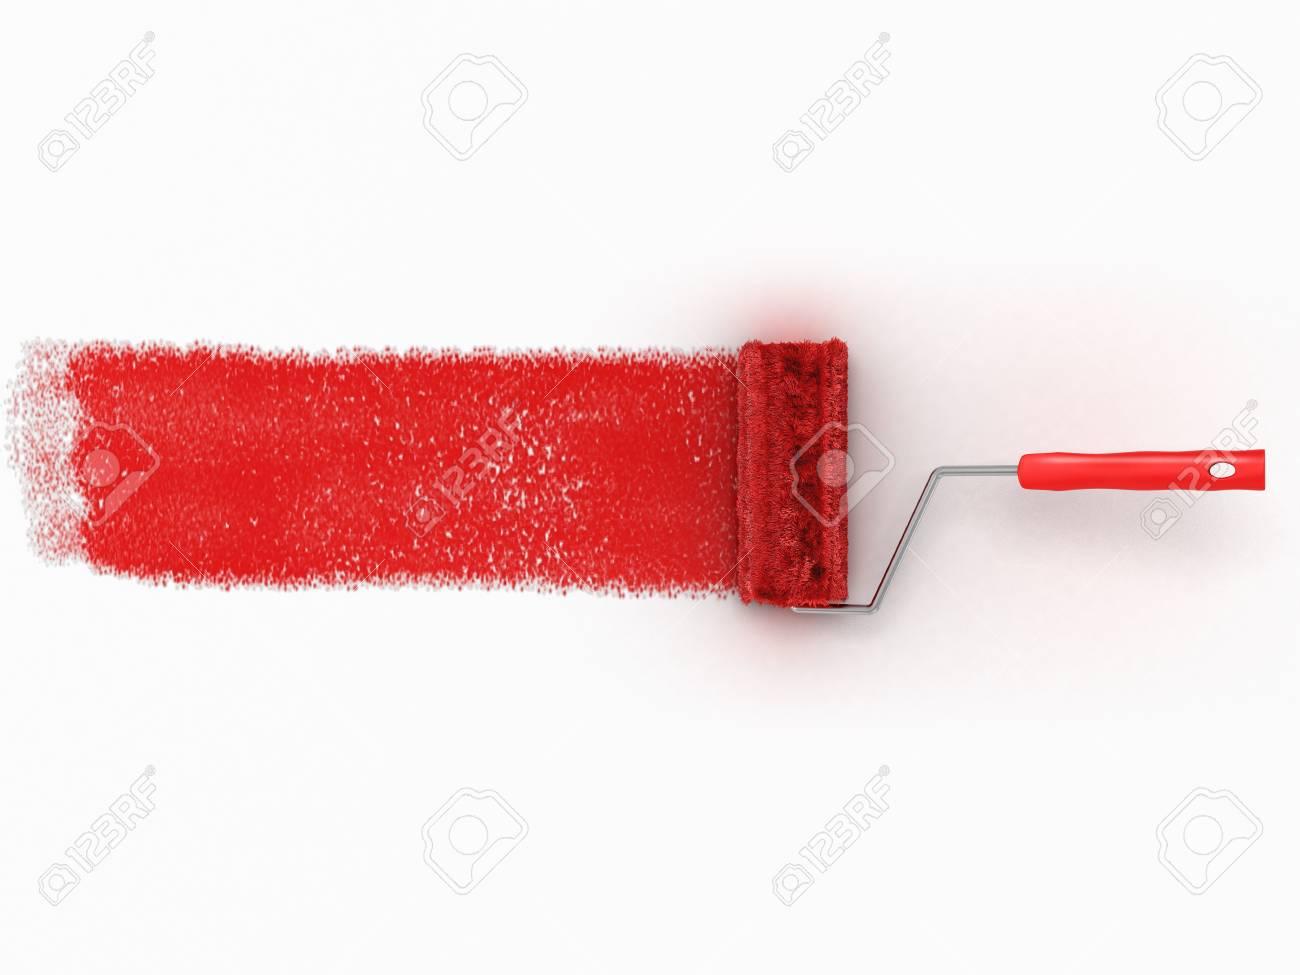 Cepillo De Rodillos Con Maqueta De Pintura Roja Herramienta Creativa Decorativa Y De Renovación